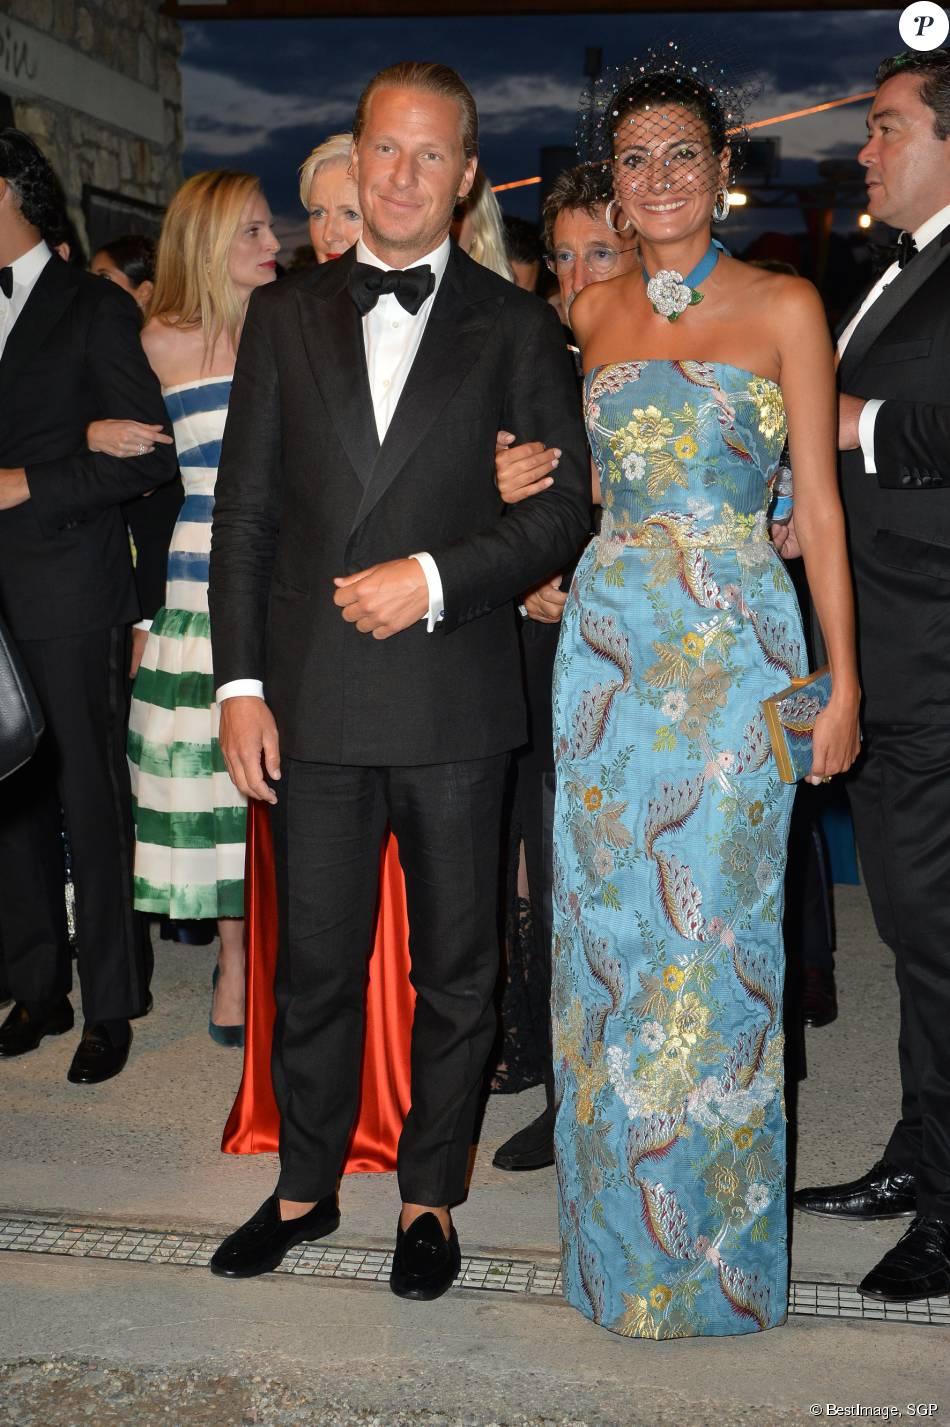 Engelbert Oscar et sa compagne Giovanna Battaglia - Arrivées pour la soirée de mariage de Pierre Casiraghi et Beatrice Borromeo au château Rocca Angera (château appartenant à la famille Borromeo) à Angera sur les Iles Borromées, sur le Lac Majeur, le 1er août 2015.